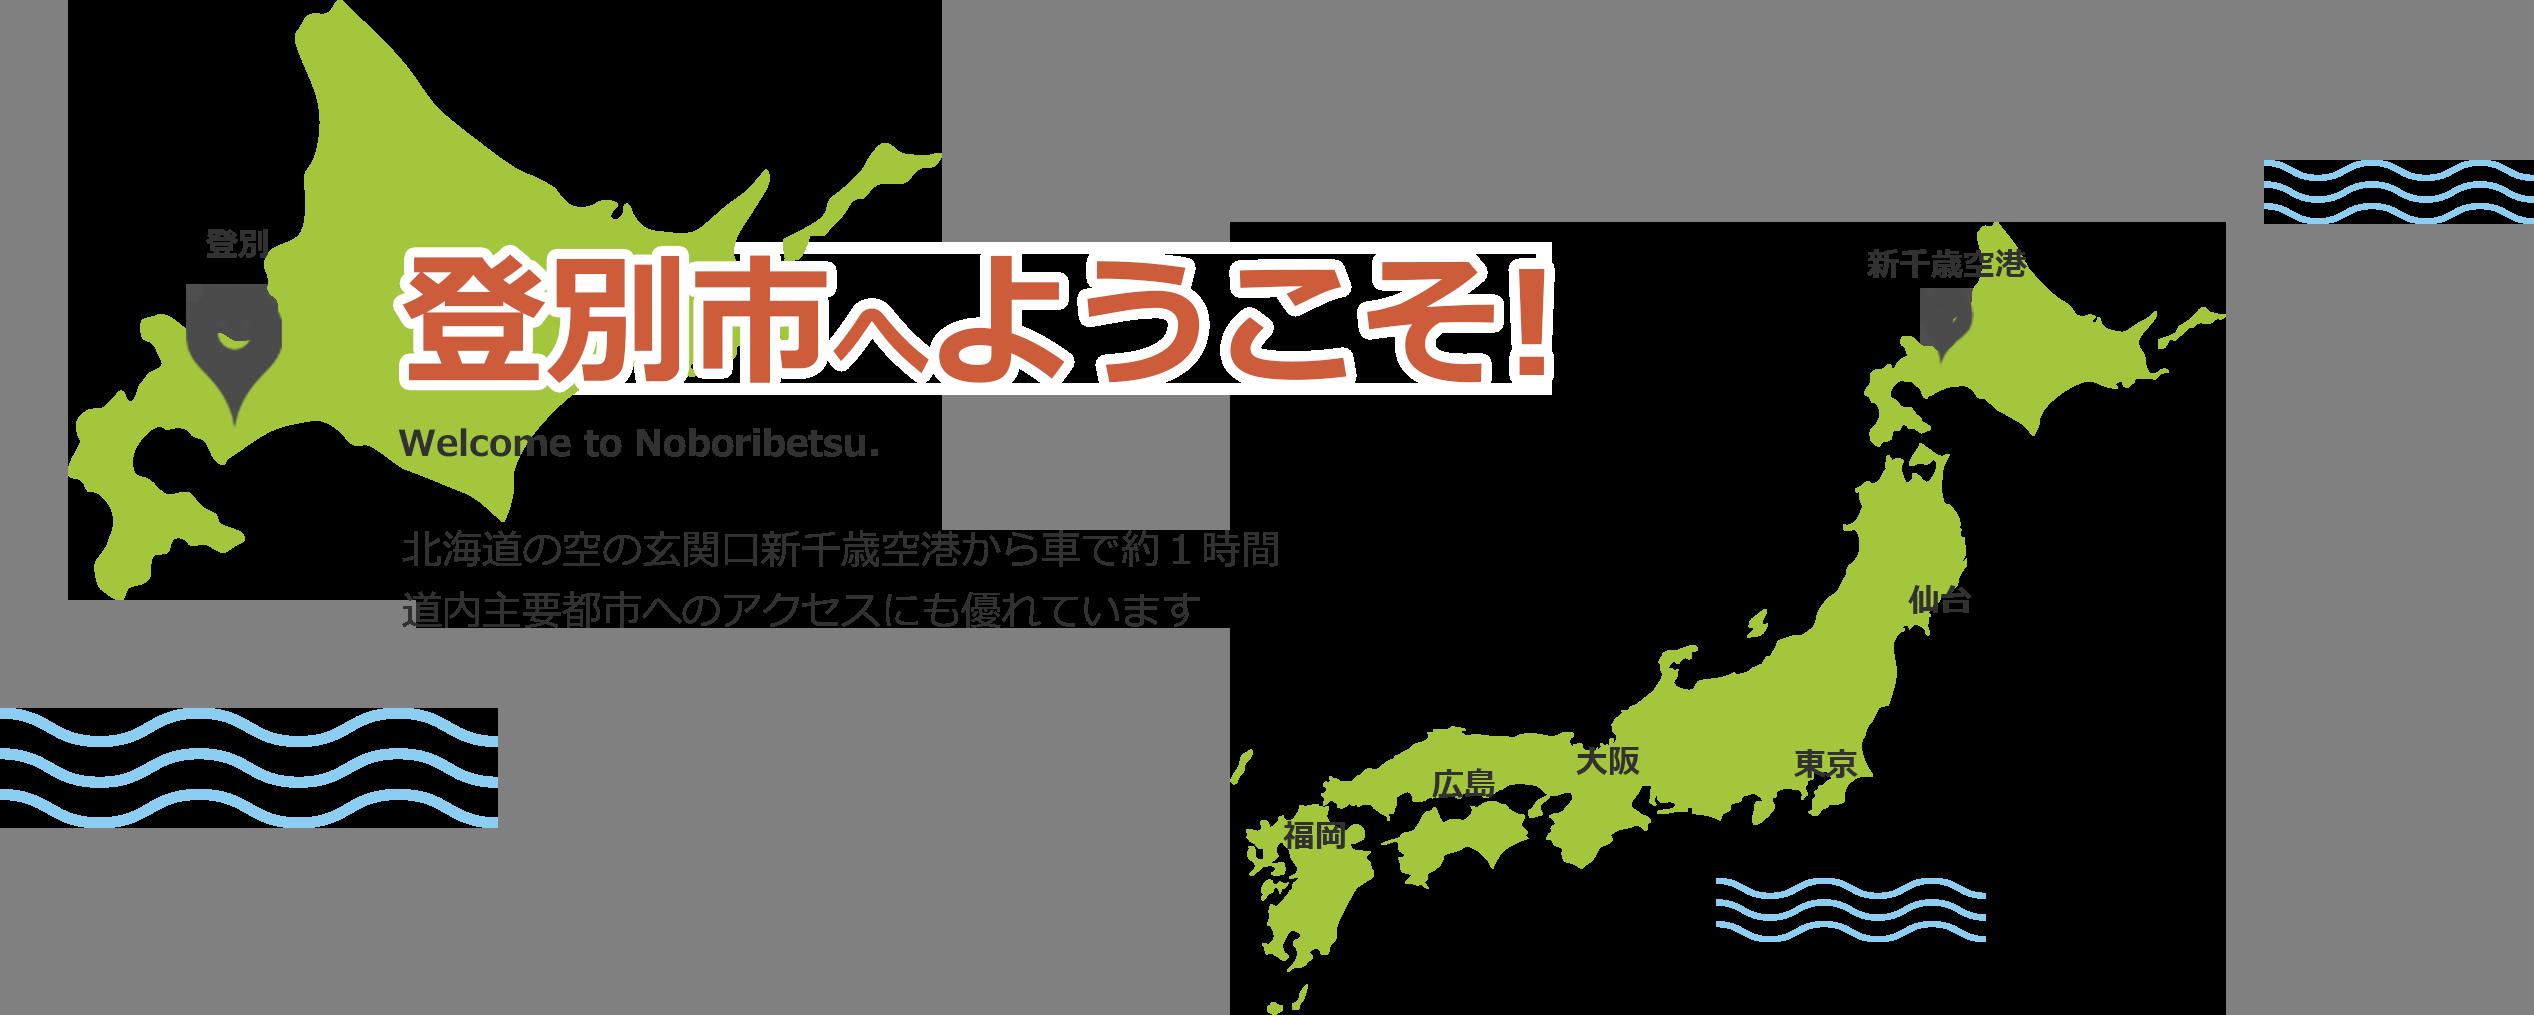 登別市へようこそ! 北海道の空の玄関口新千歳空港から車で約1時間 道内主要都市へのアクセスにも優れています